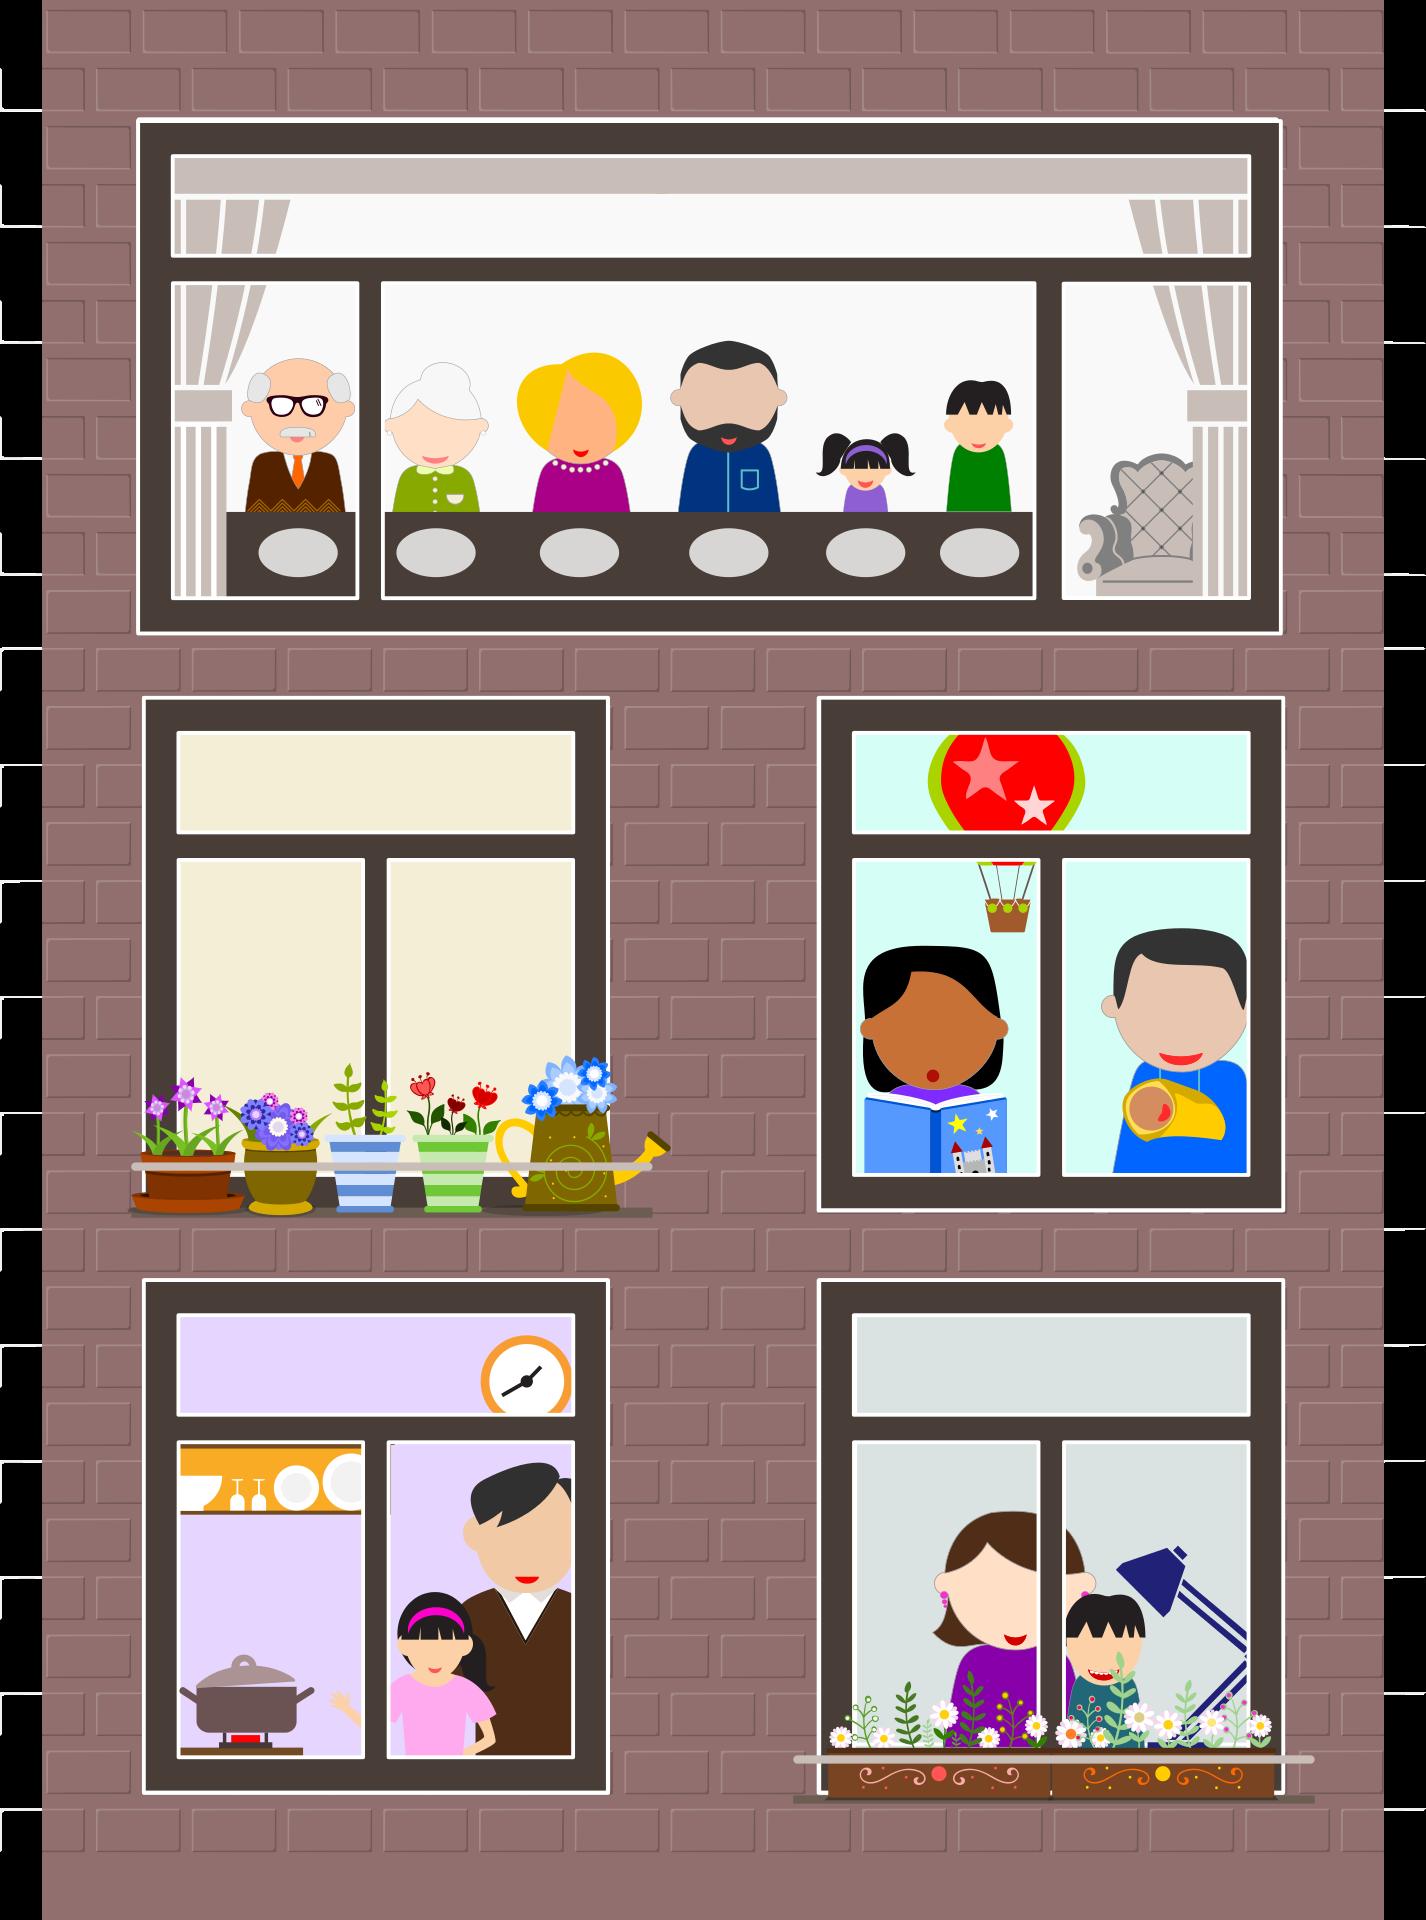 häusliche Familie